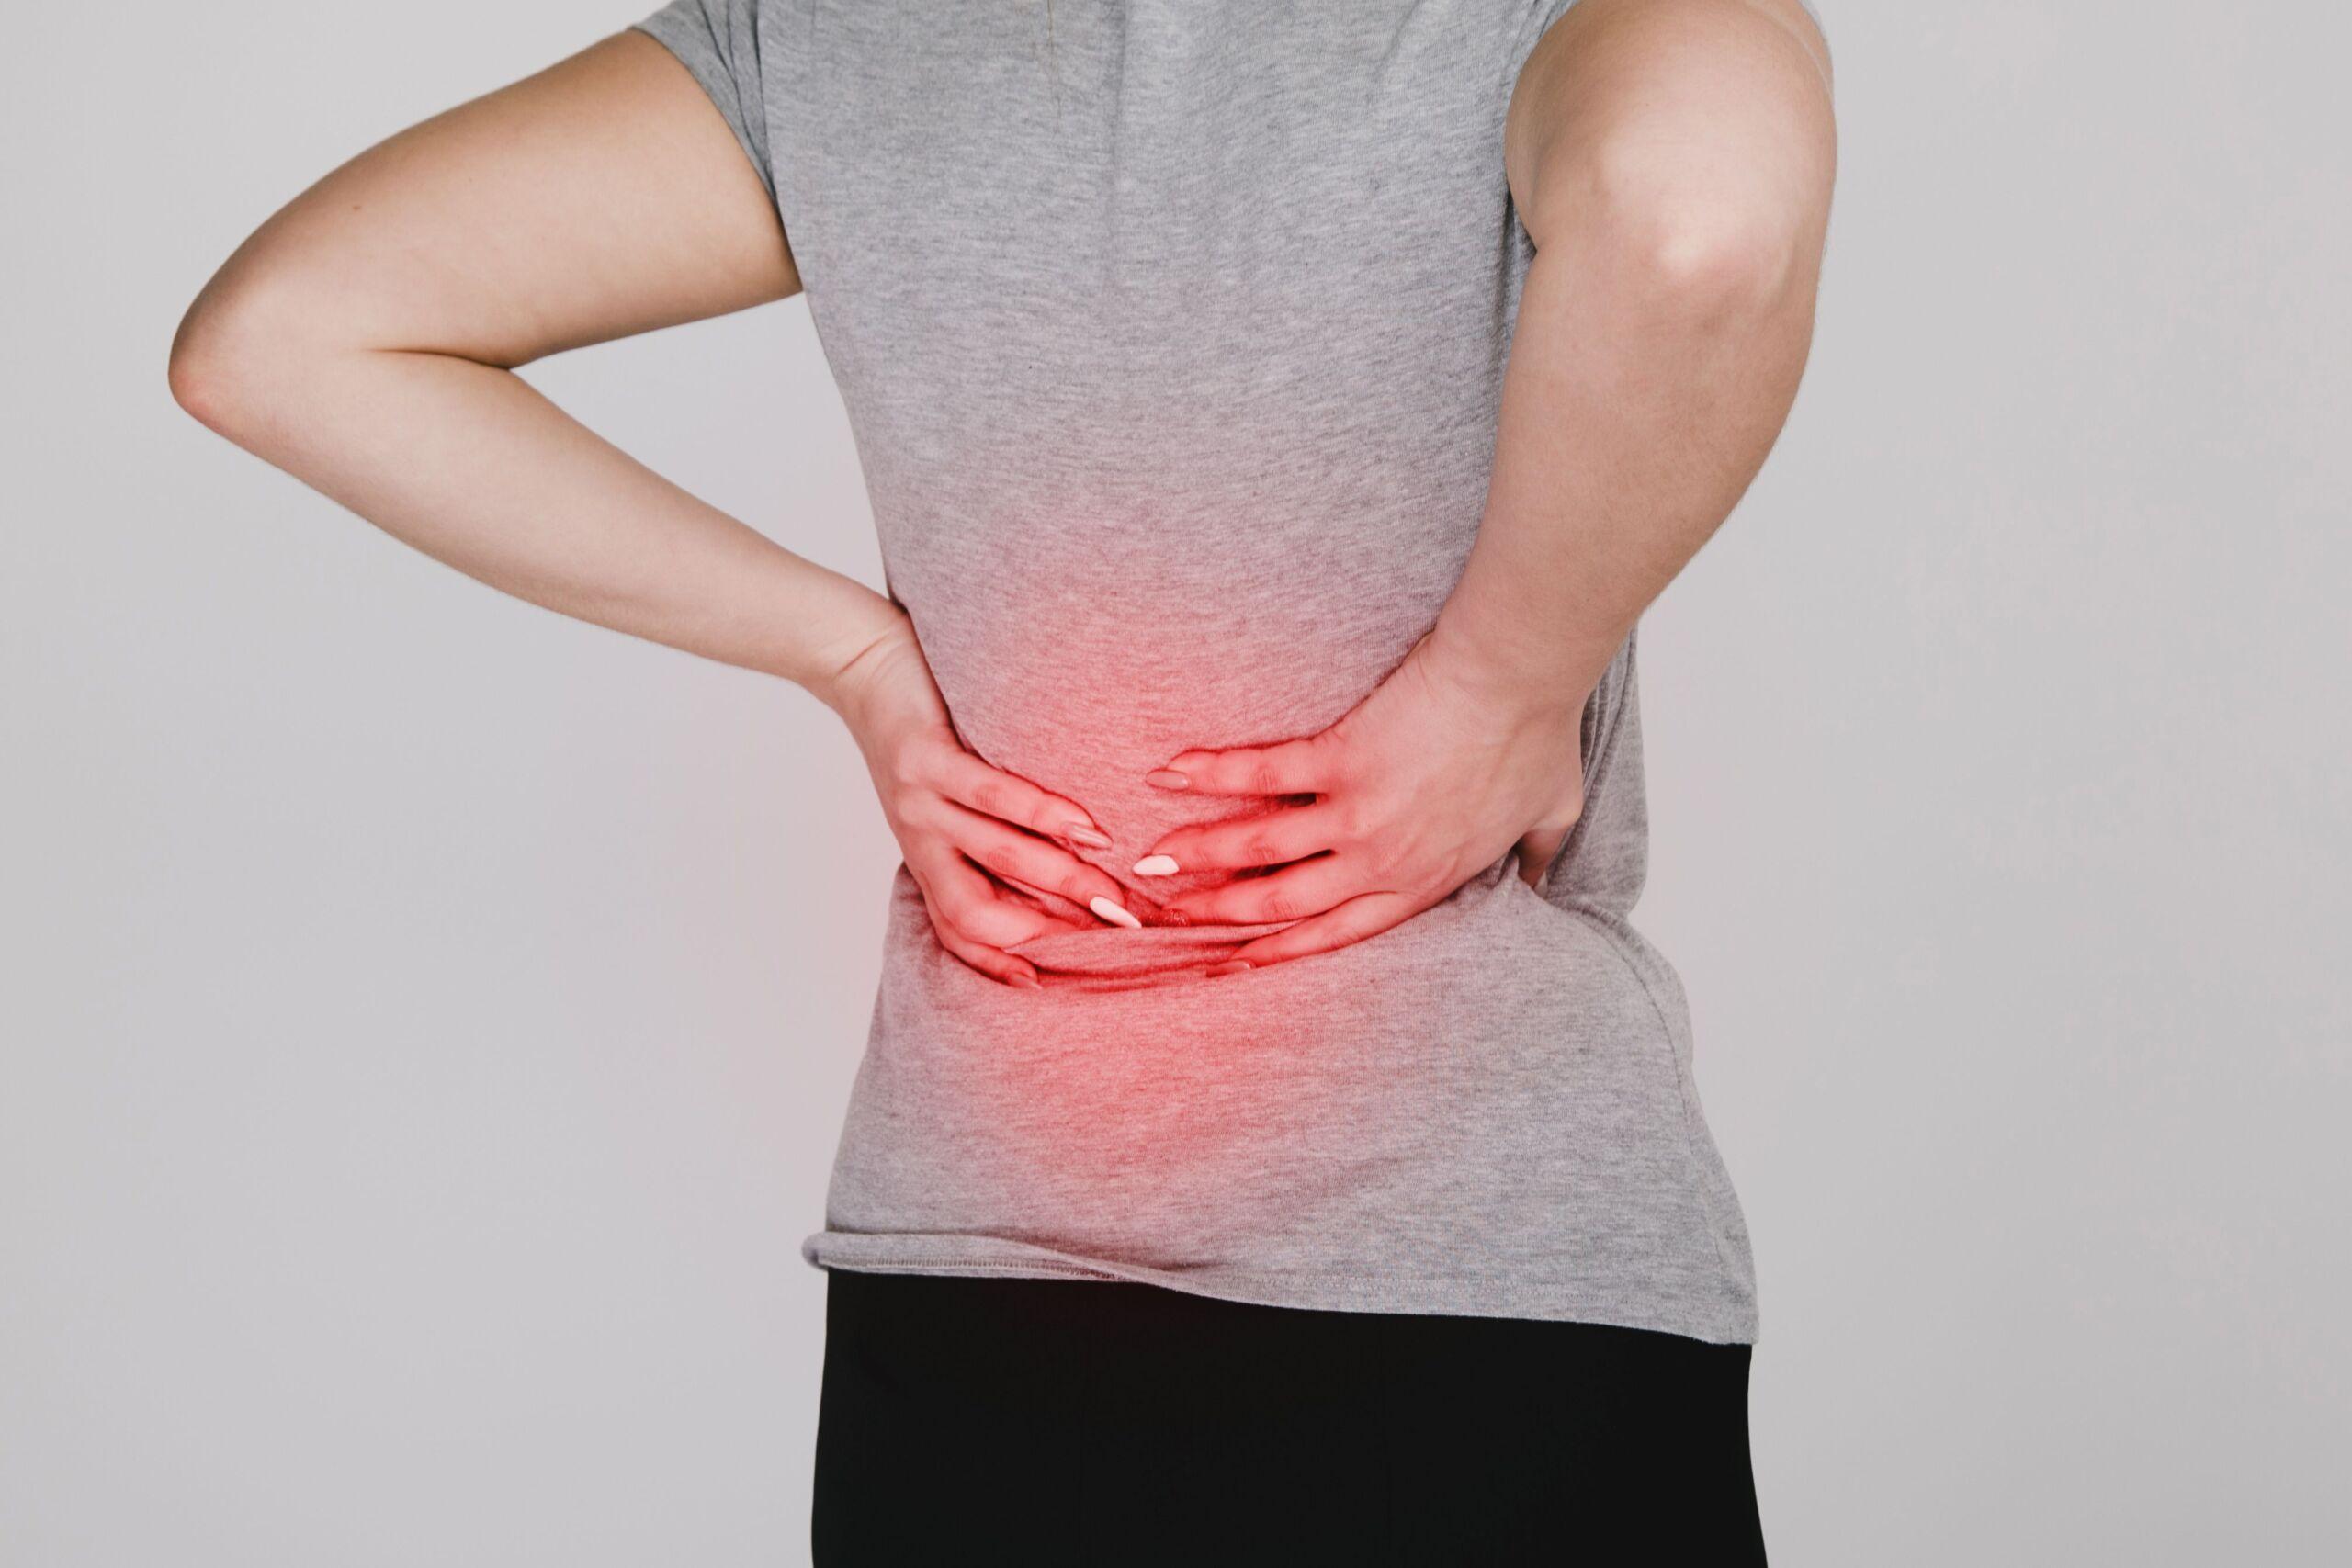 Mann mit Rückenschmerzen - Hexenschuss